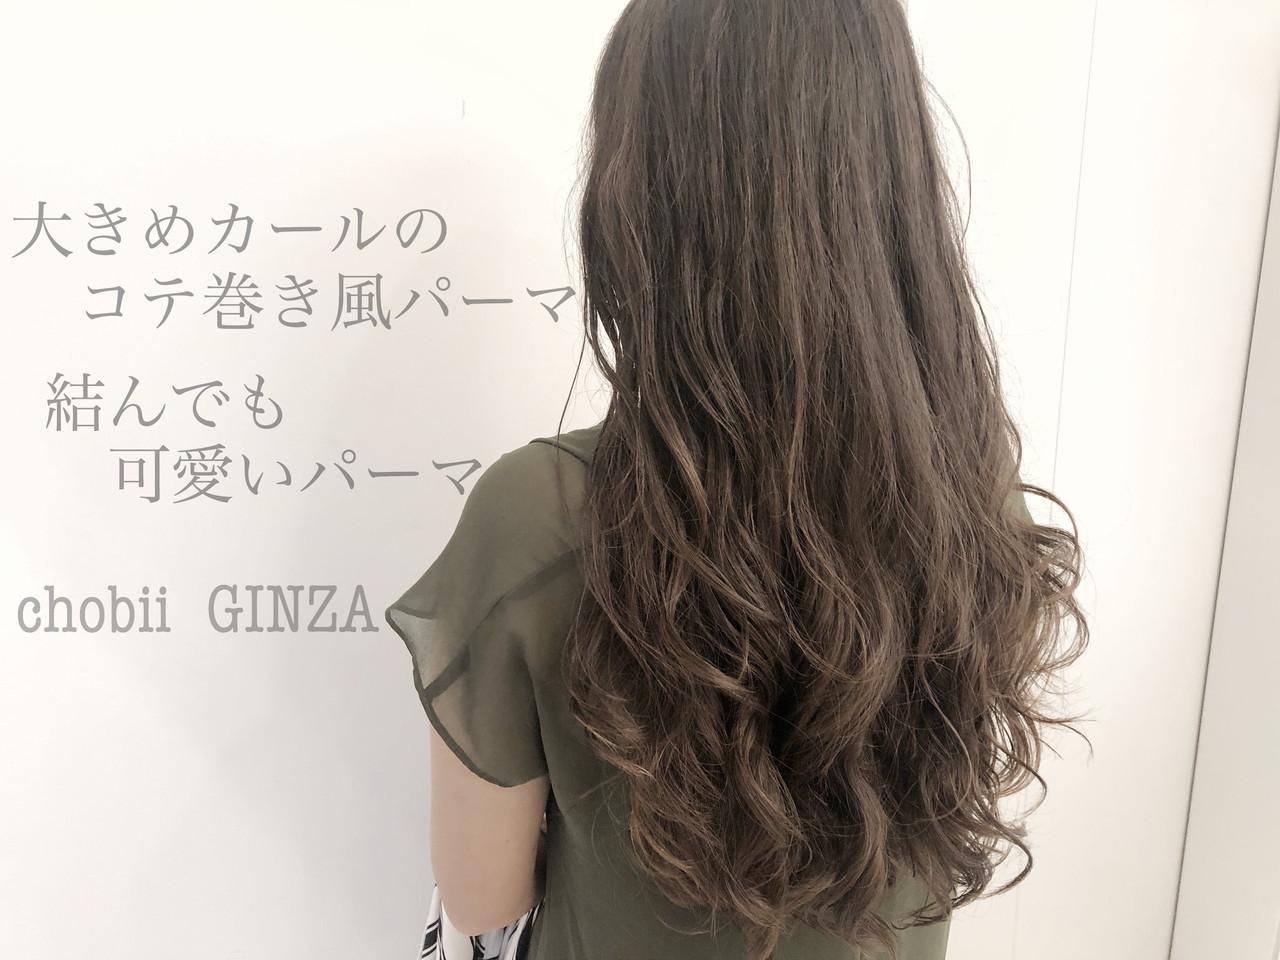 ロング ヘアスタイル ゆるふわパーマ デジタルパーマ ヘアスタイルや髪型の写真・画像